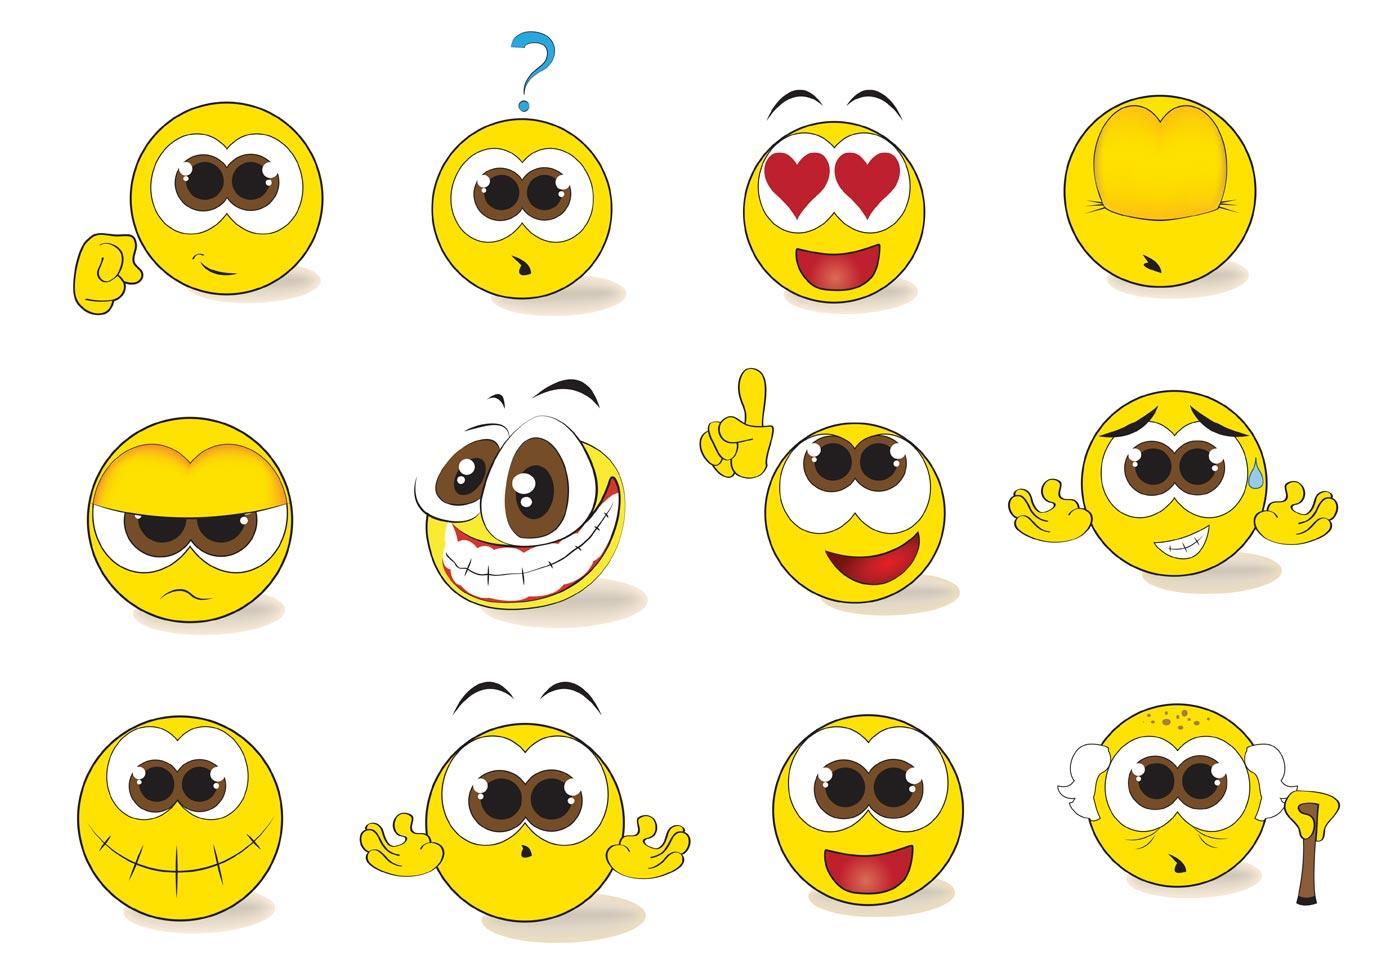 Free Smiley Emoticon Vector Set 84142 Vector Art At Vecteezy